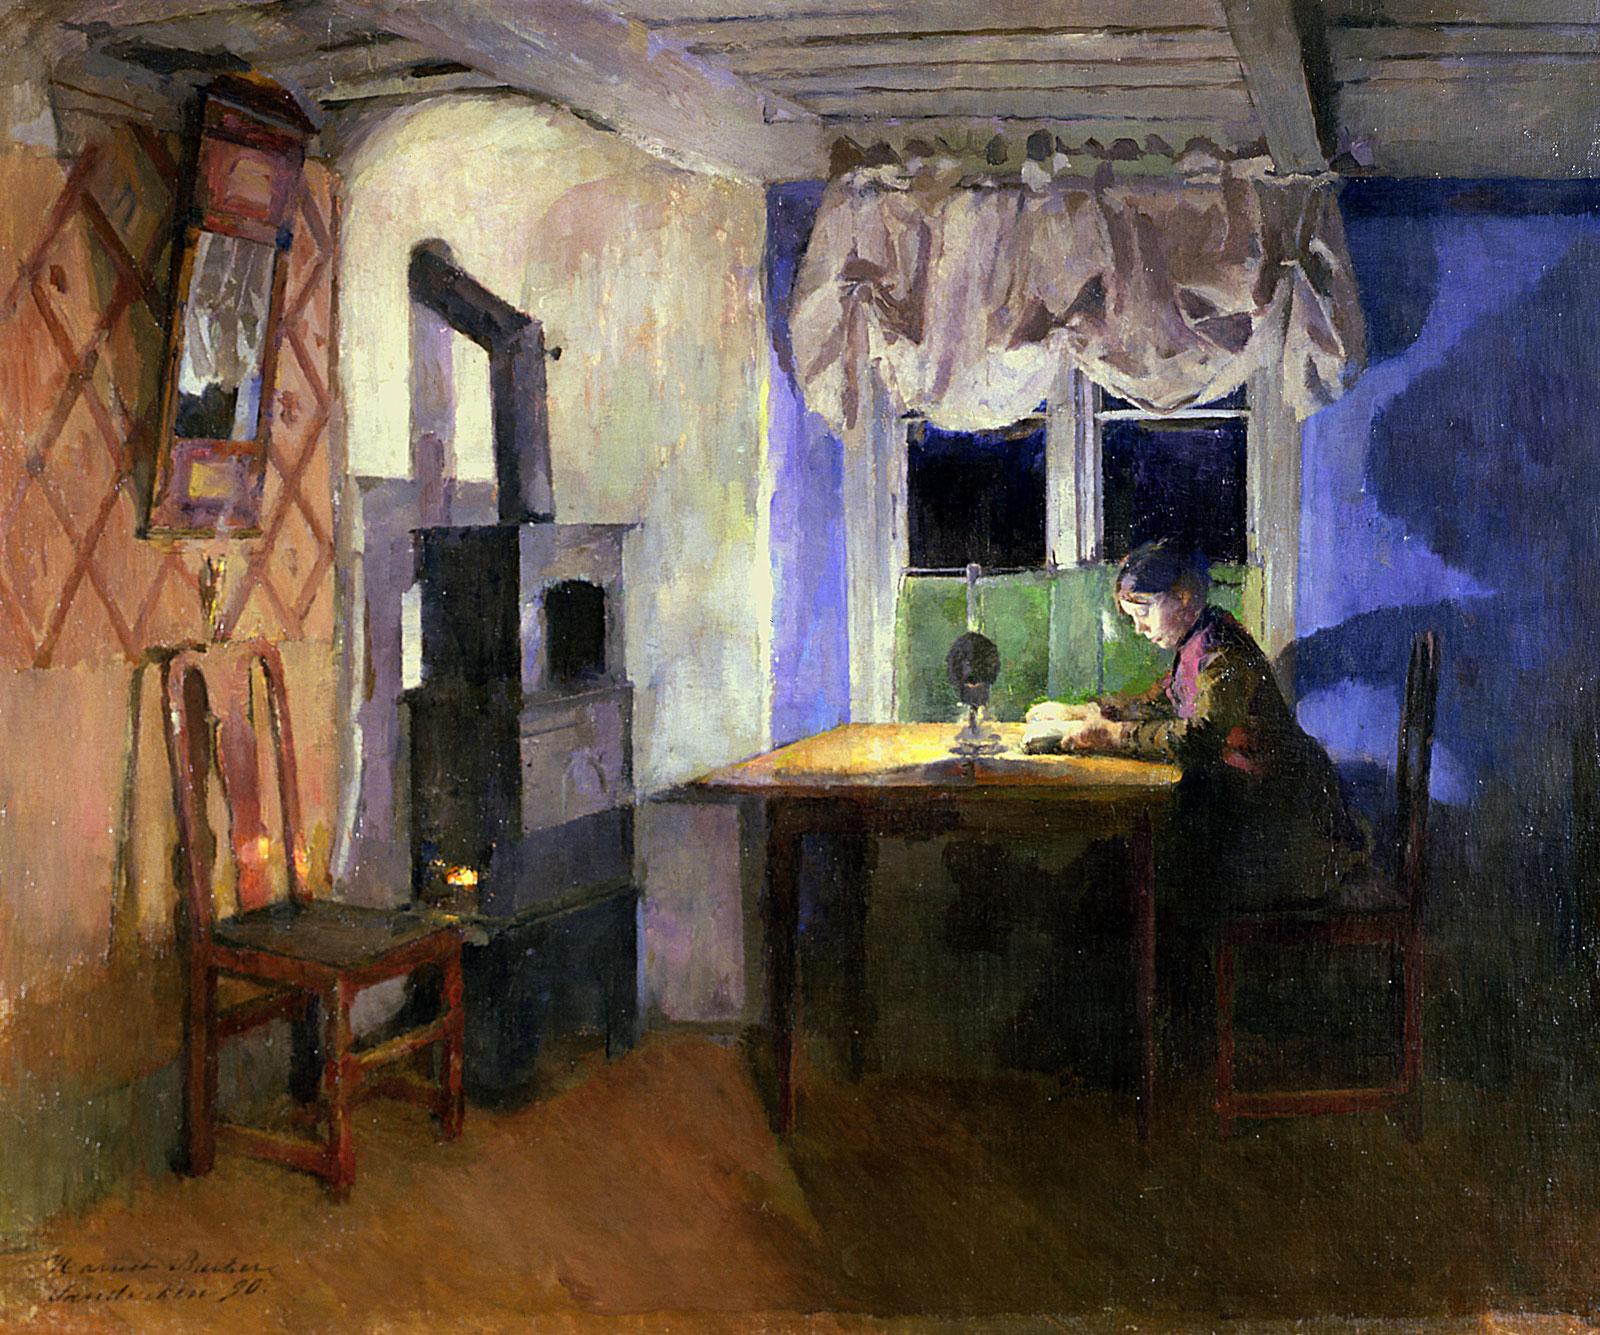 Harriet Backer: By Lamplight, 1890